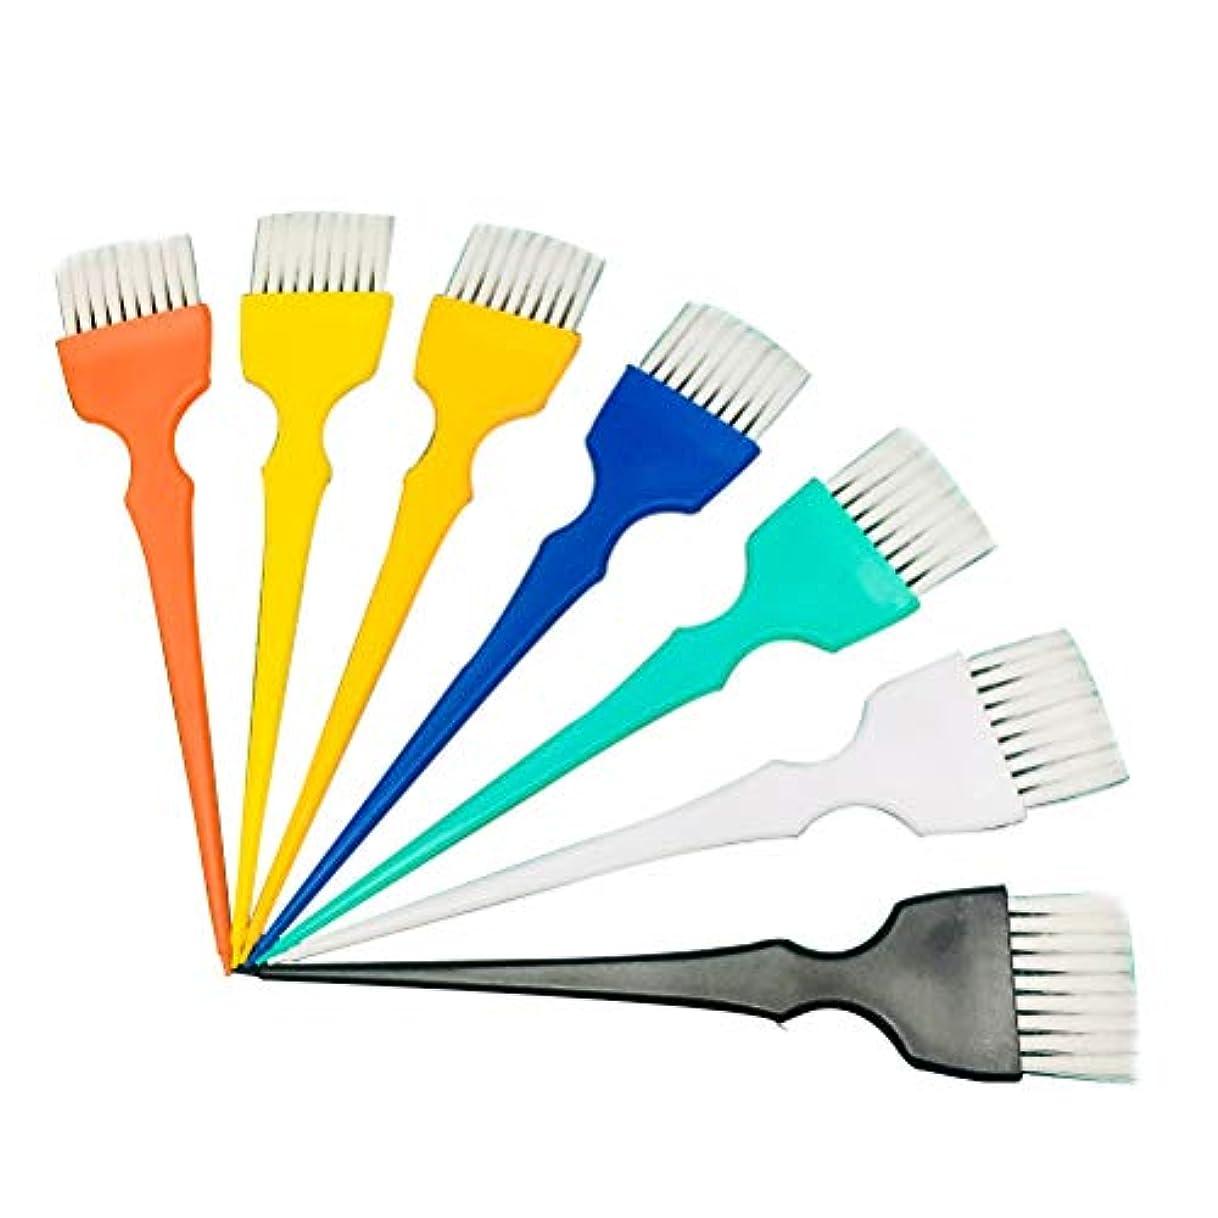 合意コンプリートアラブサラボBeaupretty 7本染毛ブラシプラスチックソフトブラシヘアカラーブラシ美容院用(ランダムカラー)